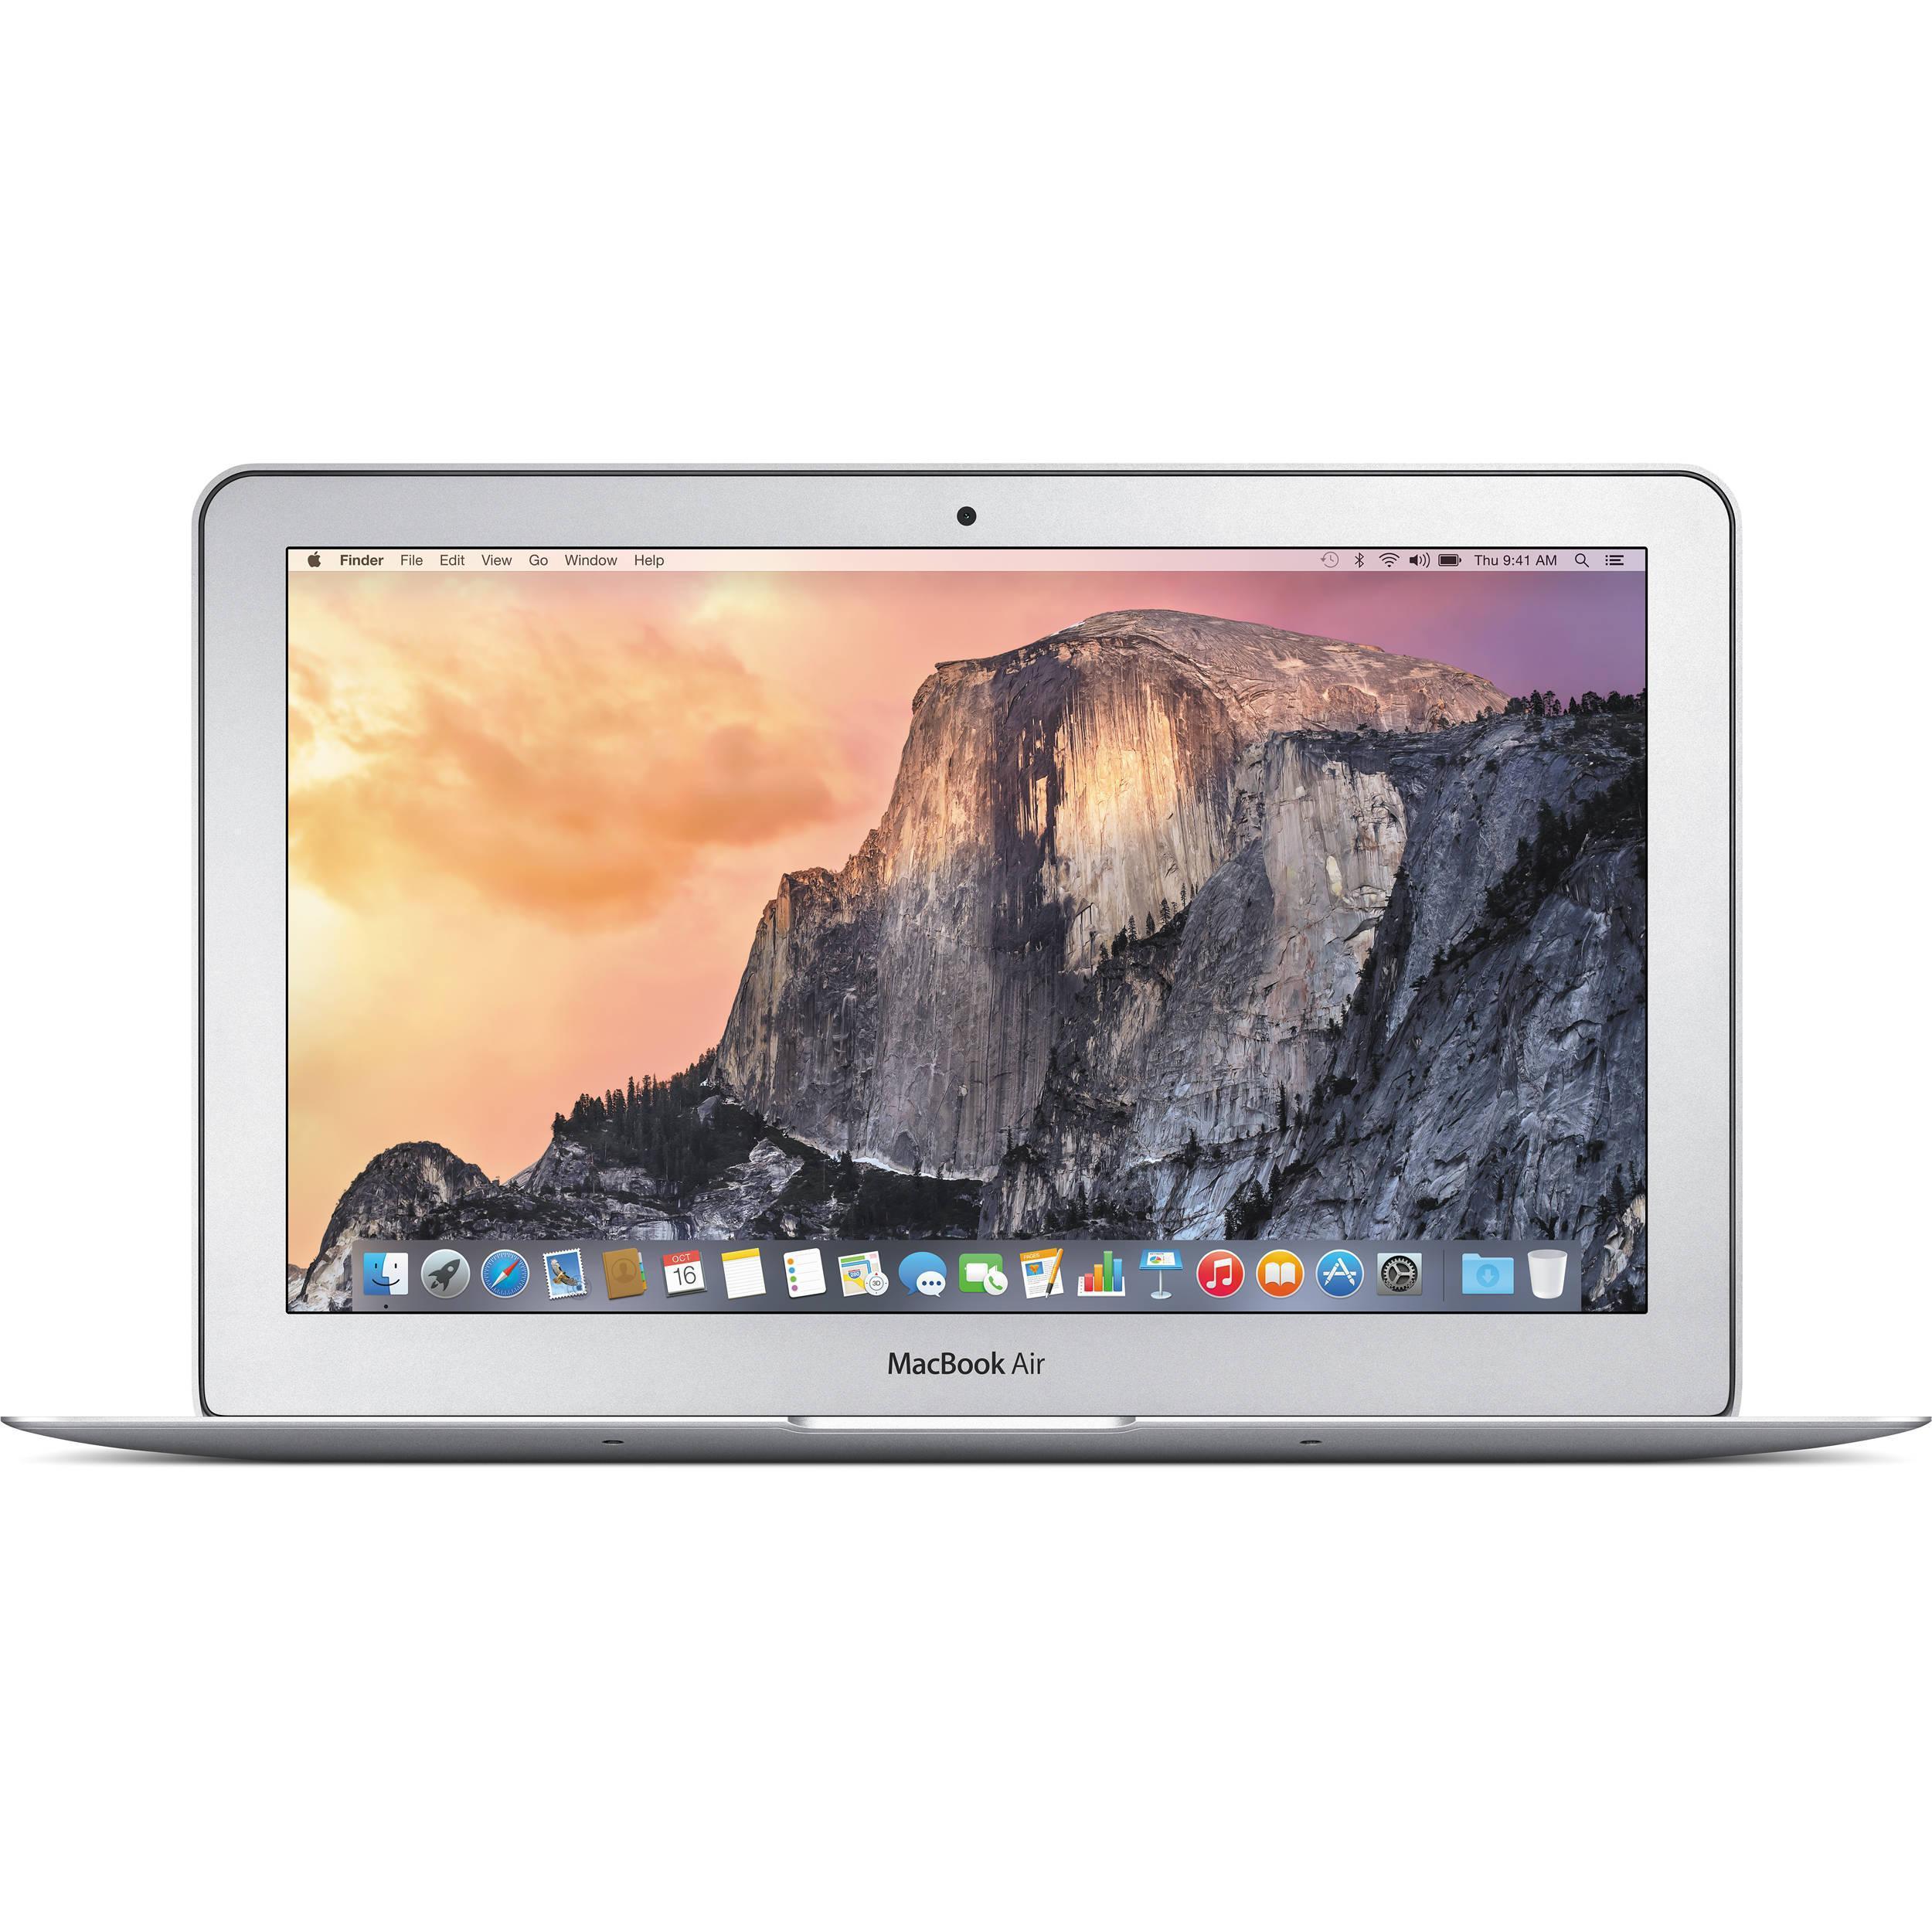 MacBook Air 11,6-tum (2015) - Core i5 - 4GB - SSD 256 GB QWERTZ - Tyska